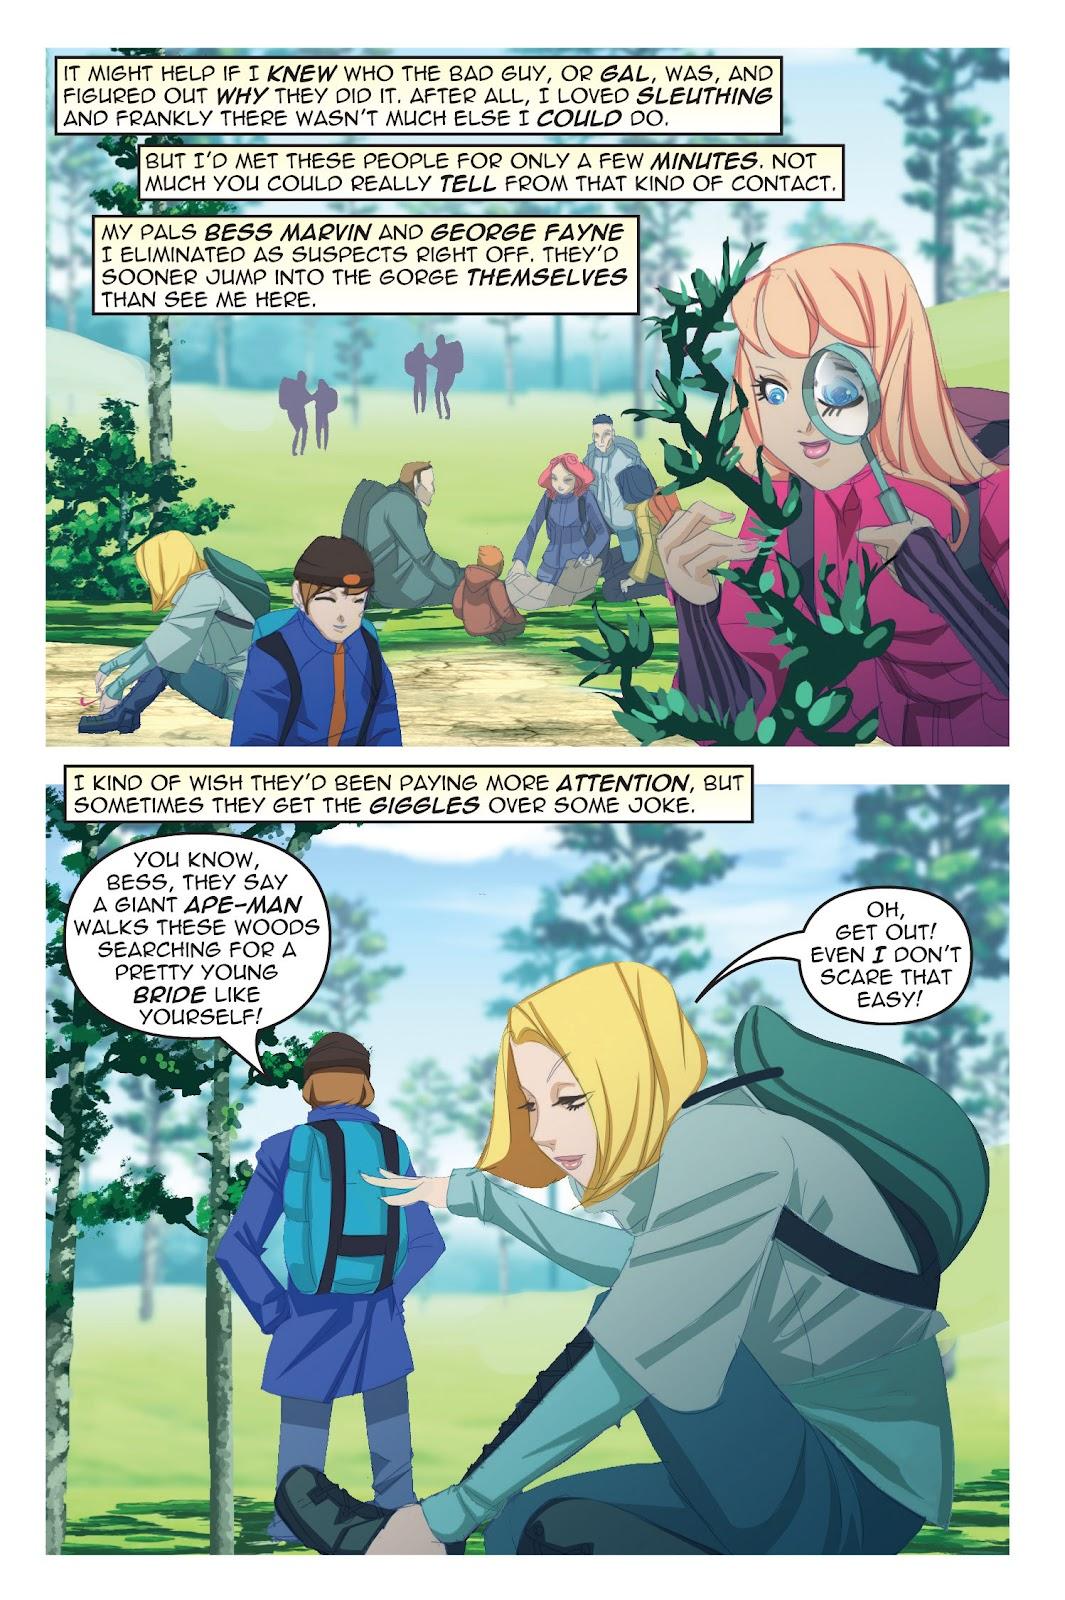 Read online Nancy Drew comic -  Issue #19 - 13